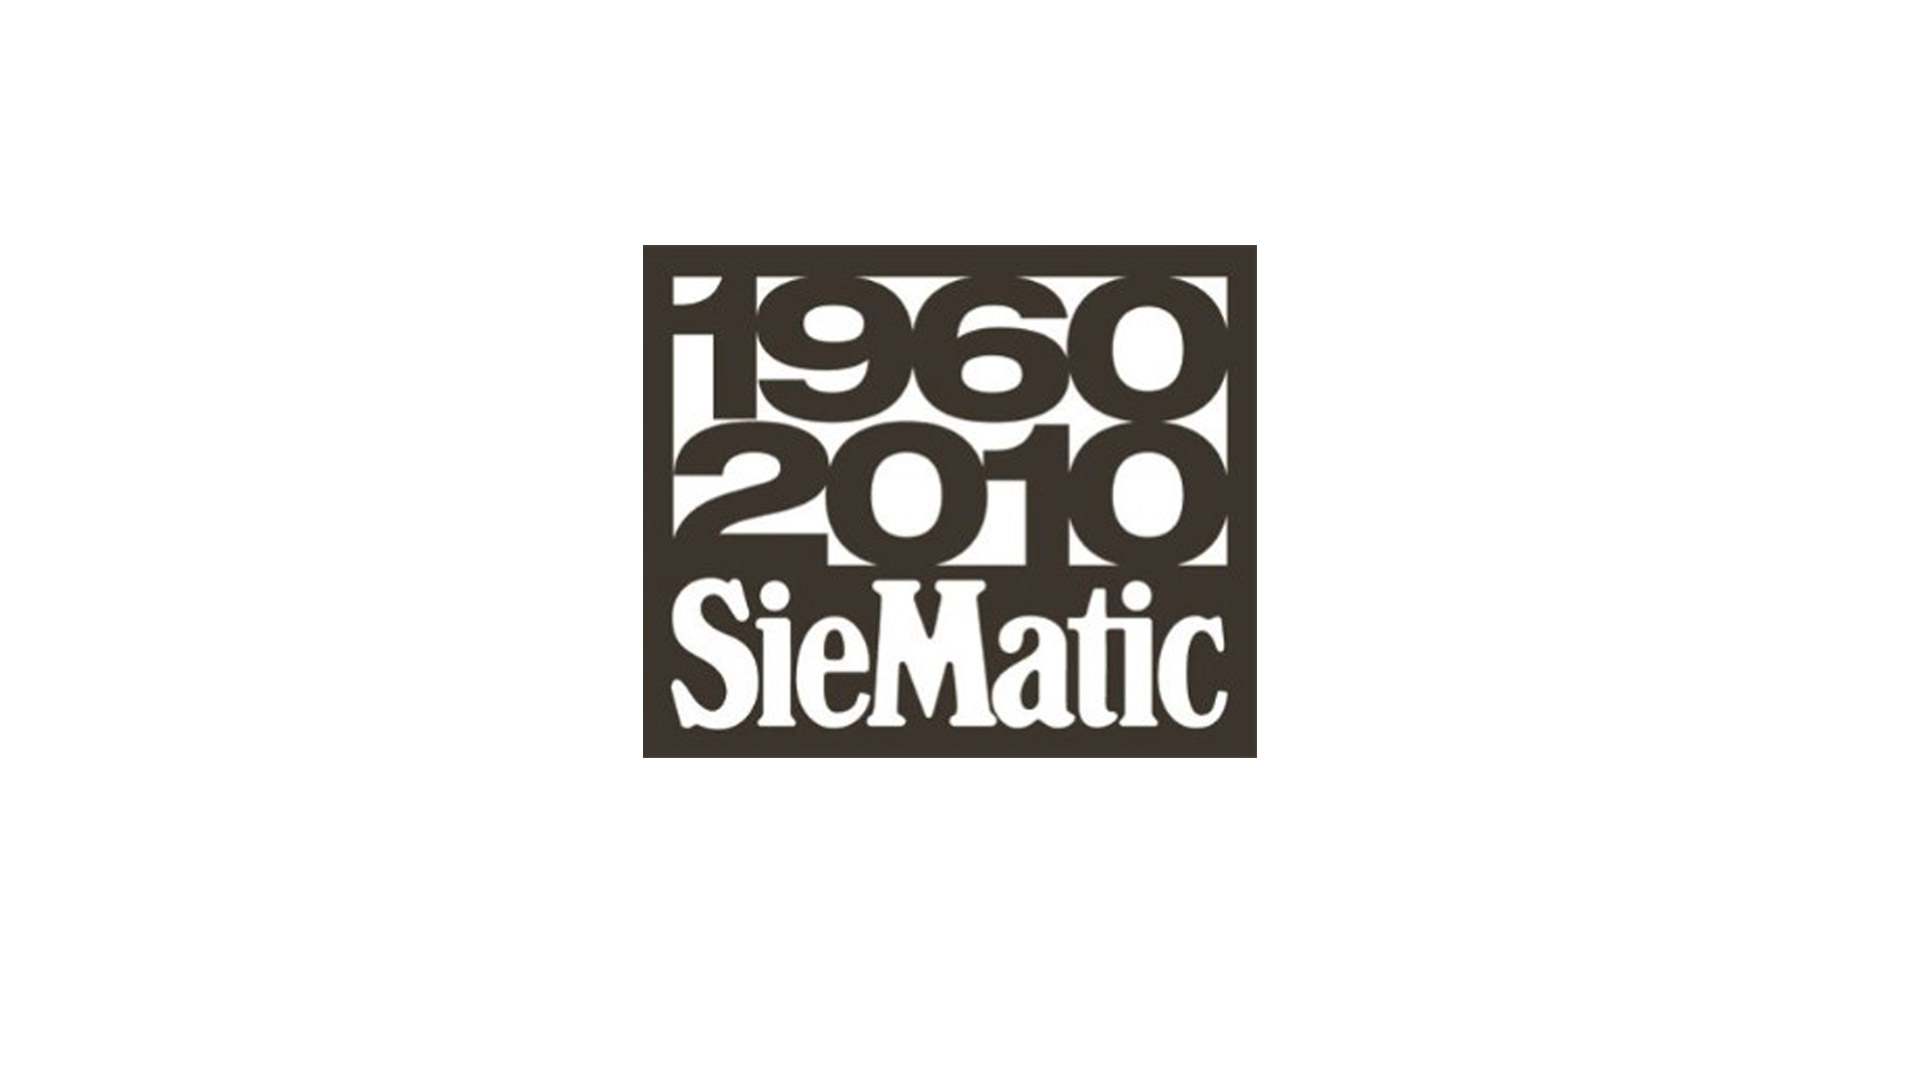 SieMatic Historie 2010: 50 Jahre SieMatic, 50 Jahre grifflose Küchen.